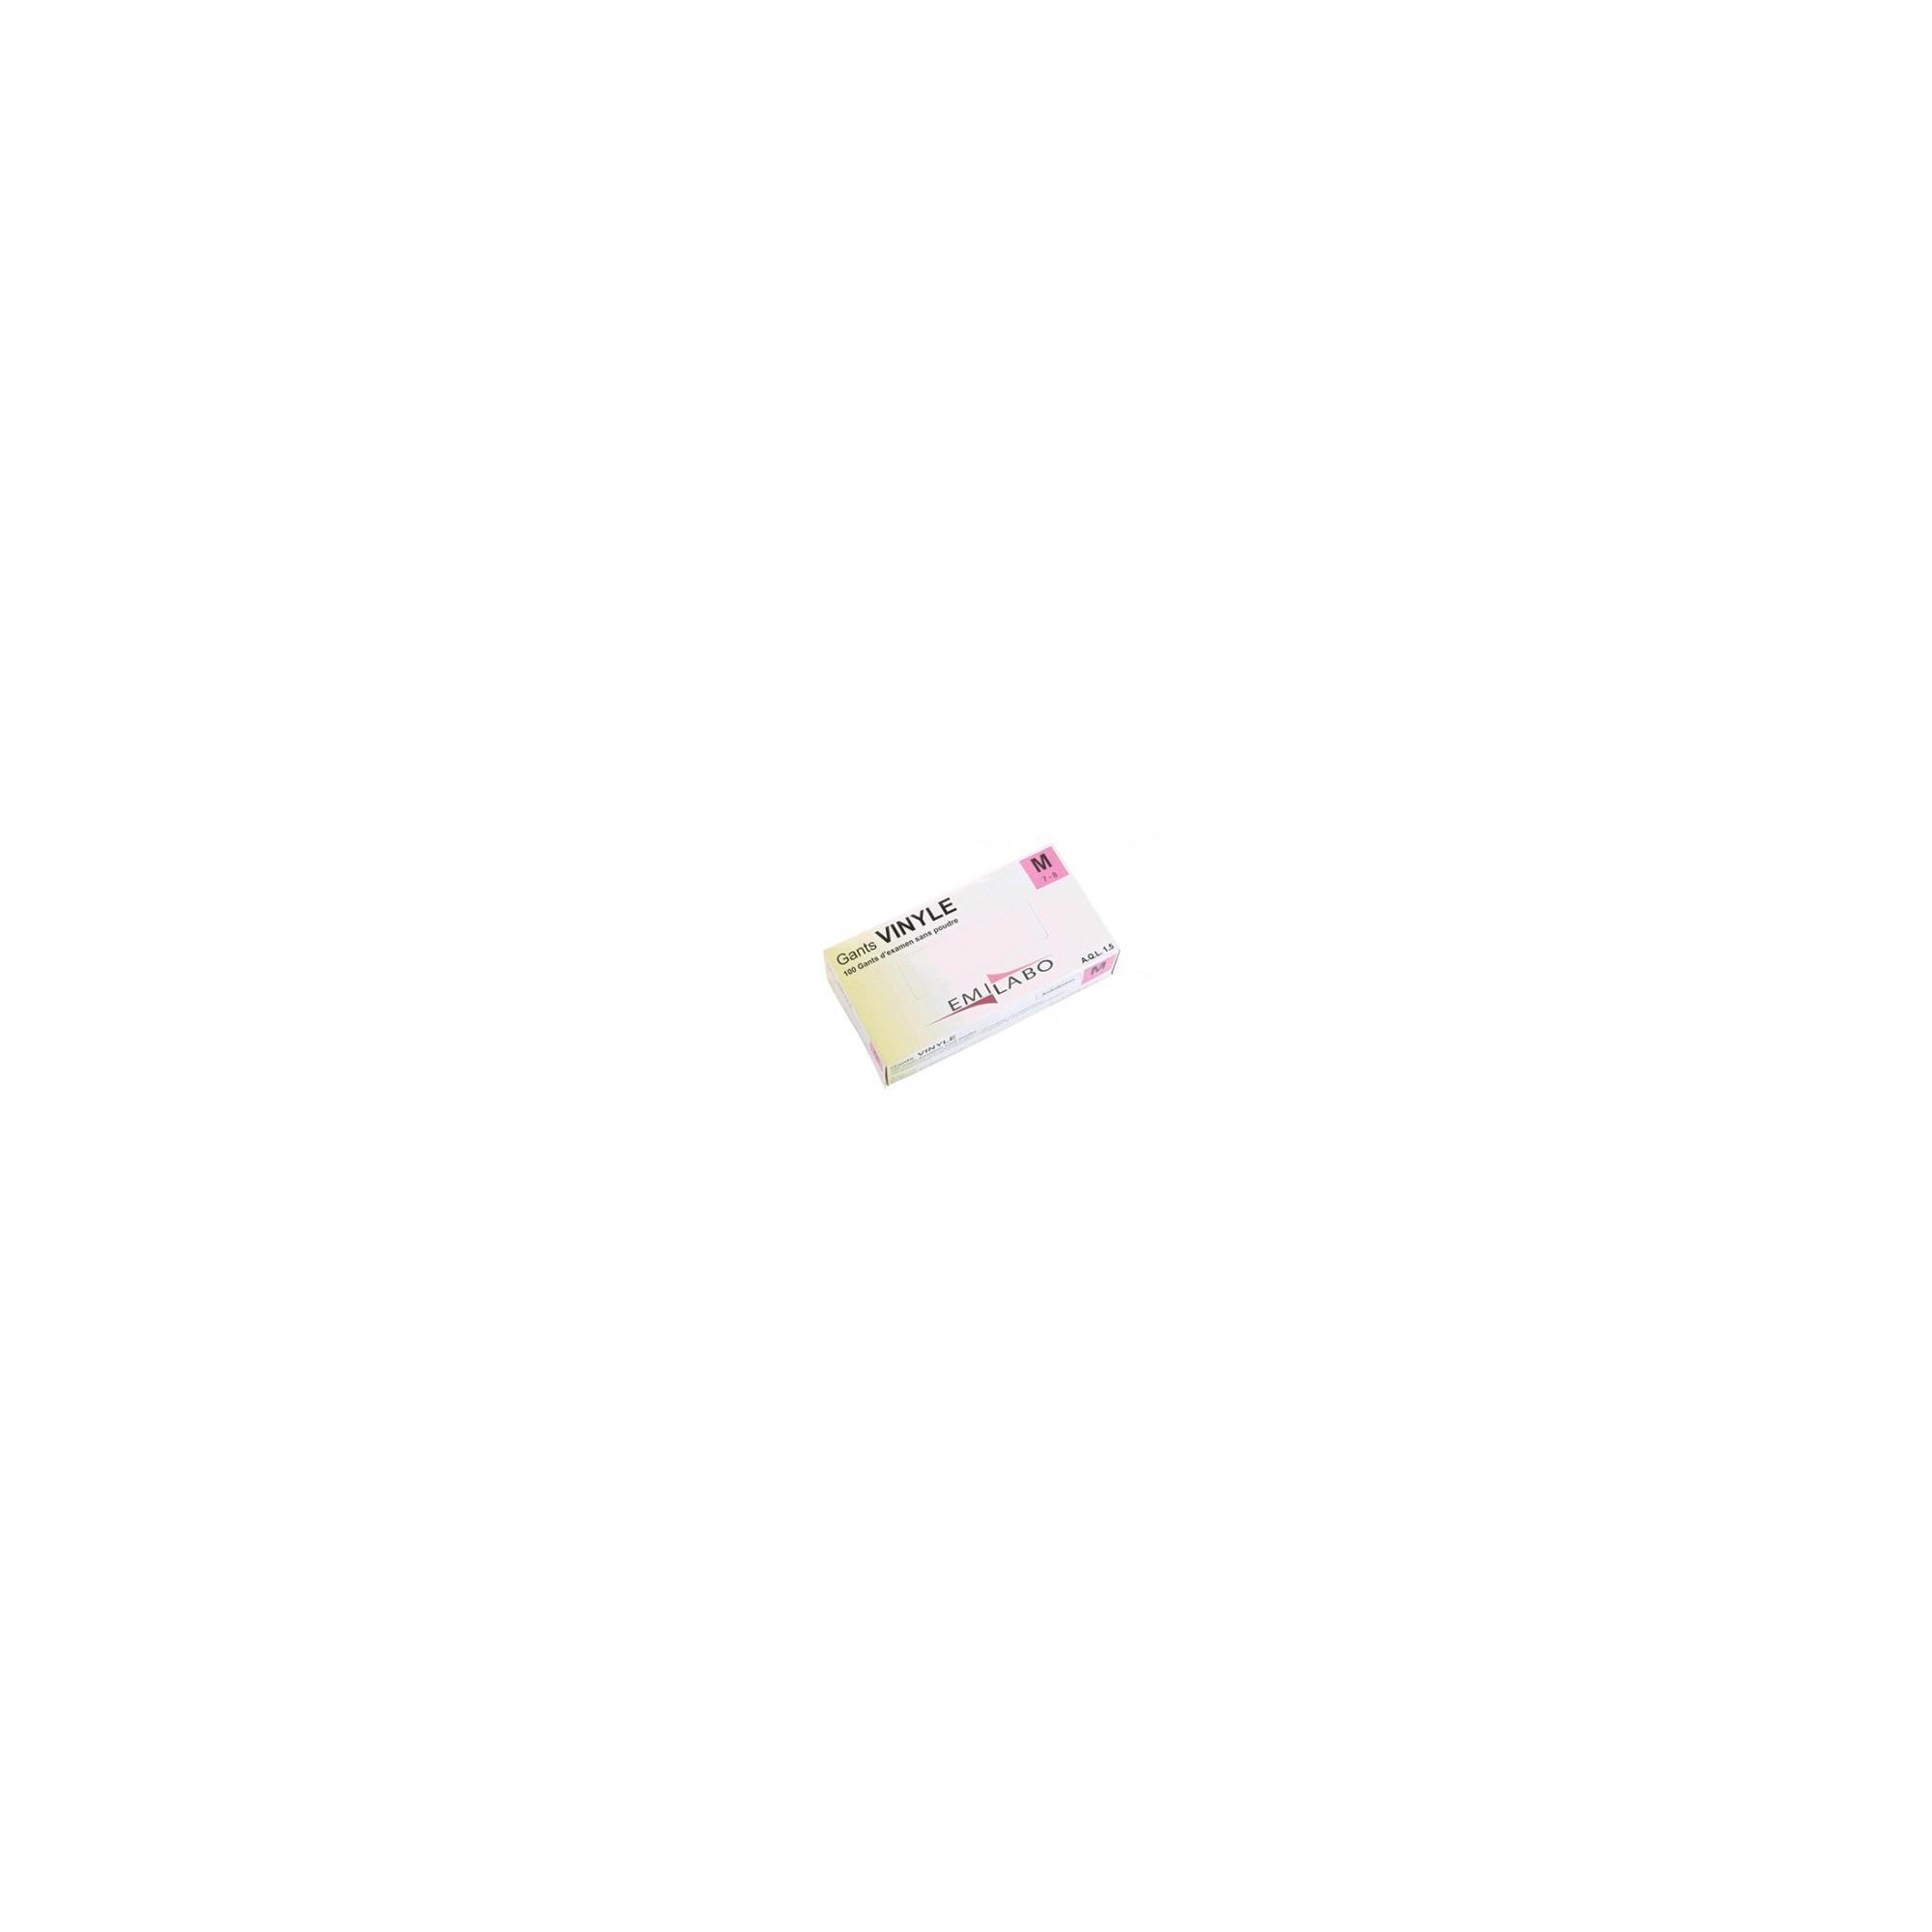 Gants d'examen - Vinyle - Sans poudre - Ambidextres - Boite de 100 - Emilabo